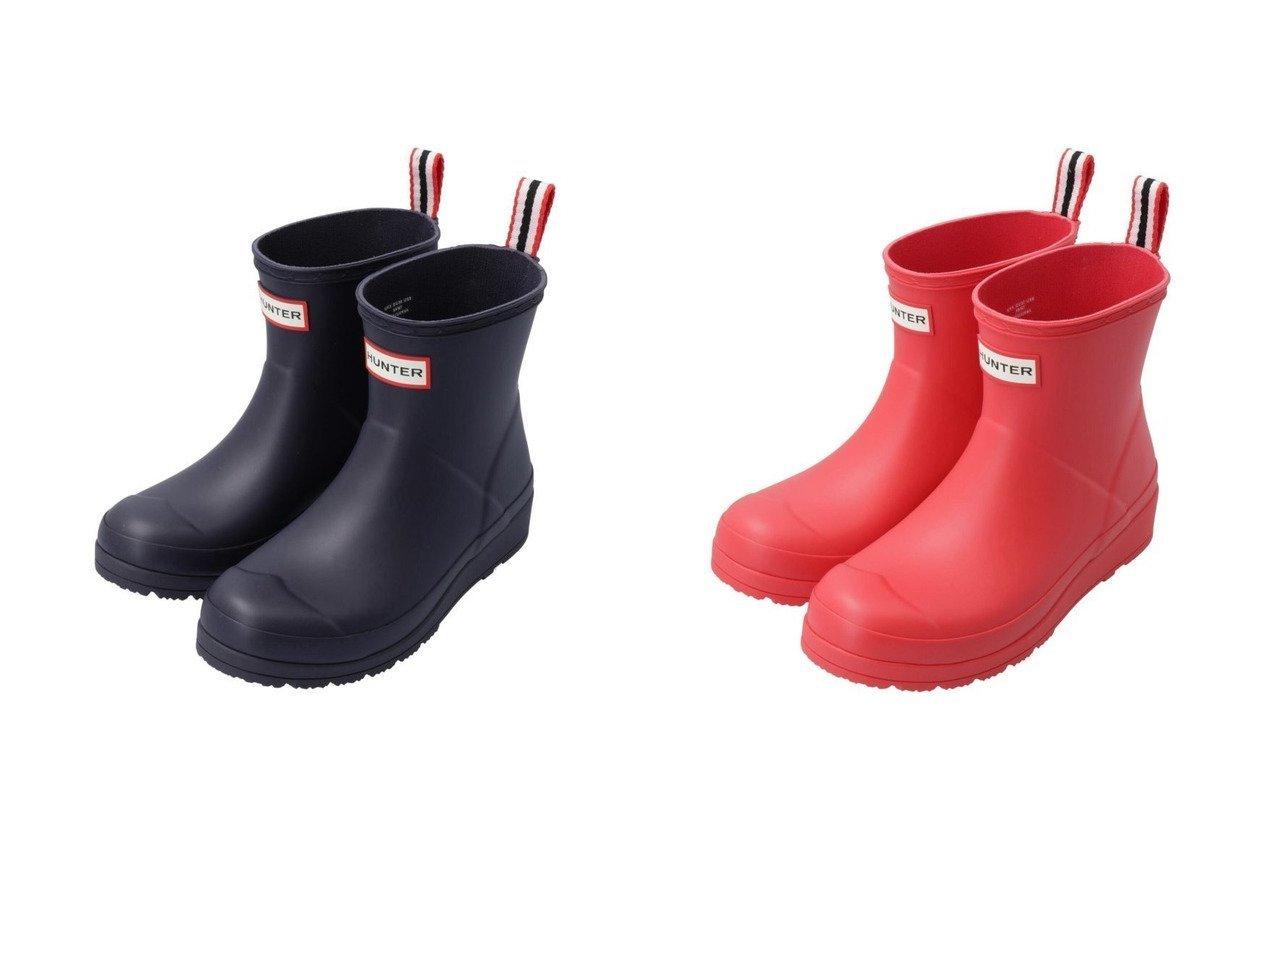 【HUNTER/ハンター】のORIGINAL PLAY BOOT SHORT シューズ・靴のおすすめ!人気トレンド・レディースファッションの通販 おすすめで人気の流行・トレンド、ファッションの通販商品 メンズファッション・キッズファッション・インテリア・家具・レディースファッション・服の通販 founy(ファニー) https://founy.com/ ファッション Fashion レディースファッション WOMEN カラフル クラシック シューズ シンプル 軽量 |ID:crp329100000008551